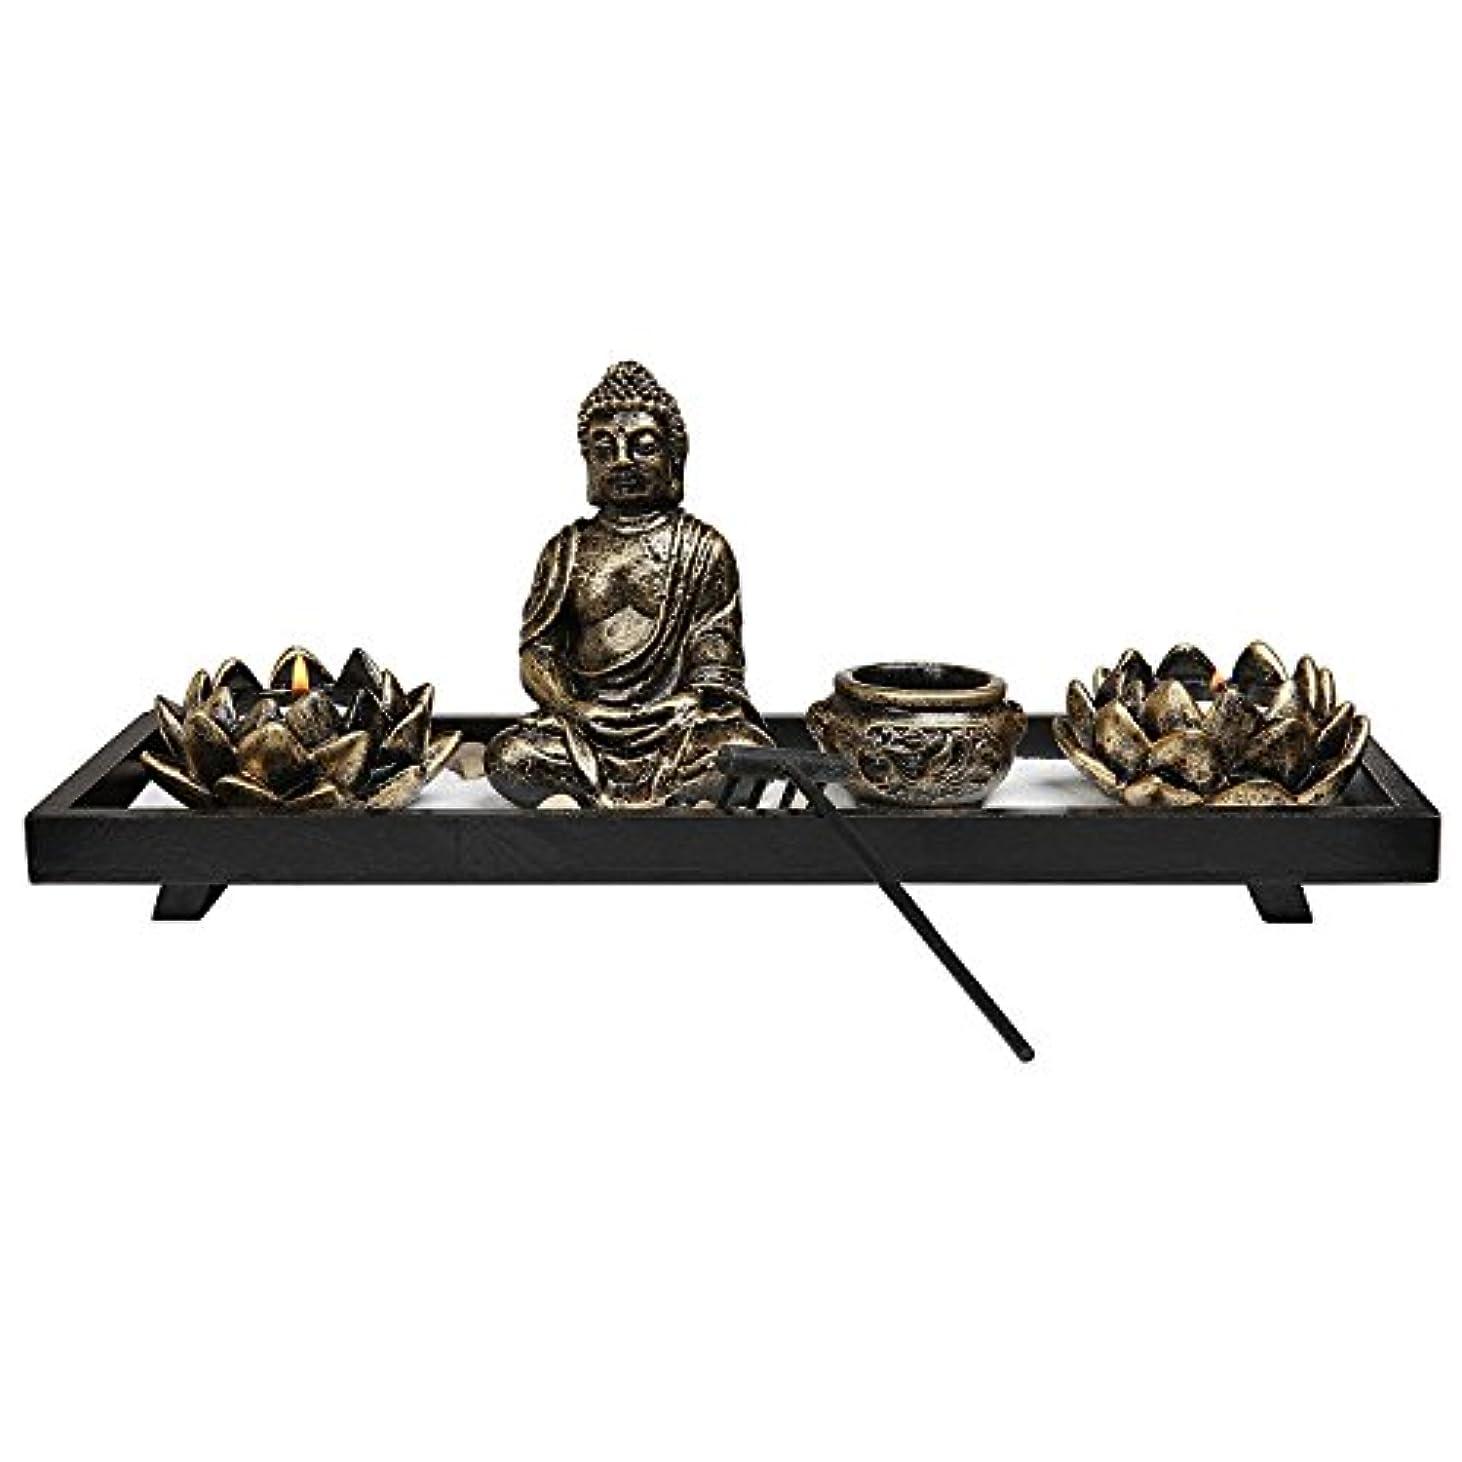 消費するパズルきょうだいRoyal Brands' Zen Garden with Buddha, Rake, Tea Light Candle and Incense holder - Peace and Tranquilly (37cm x...